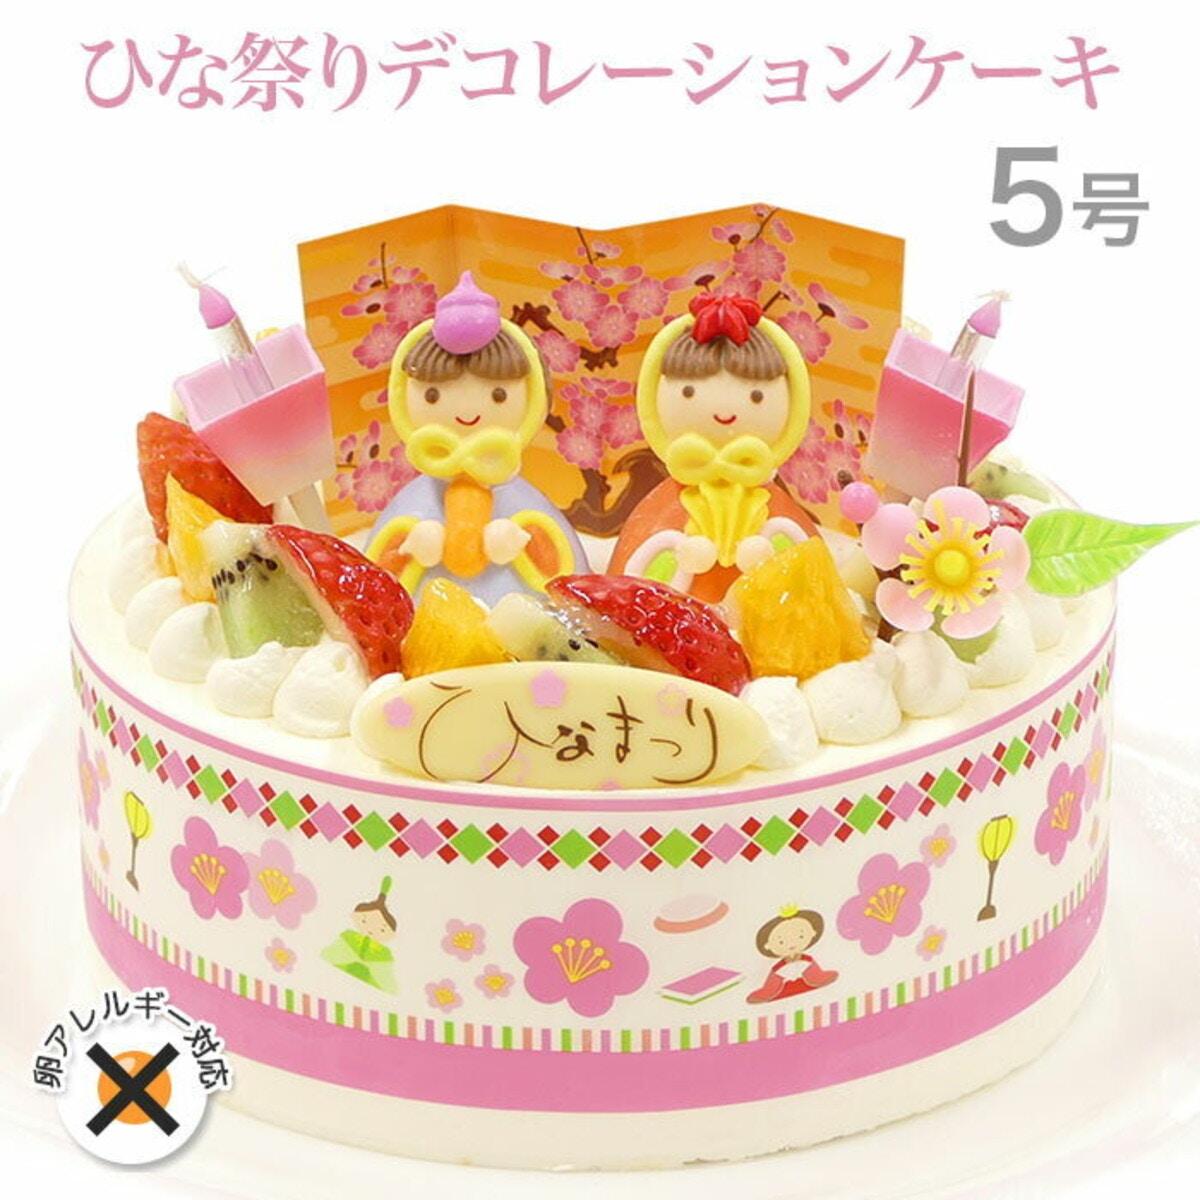 CAKE EXPRESS(加村牛乳店)「 卵不使用アレルギー対応ひな祭りデコレーションケーキ5号」